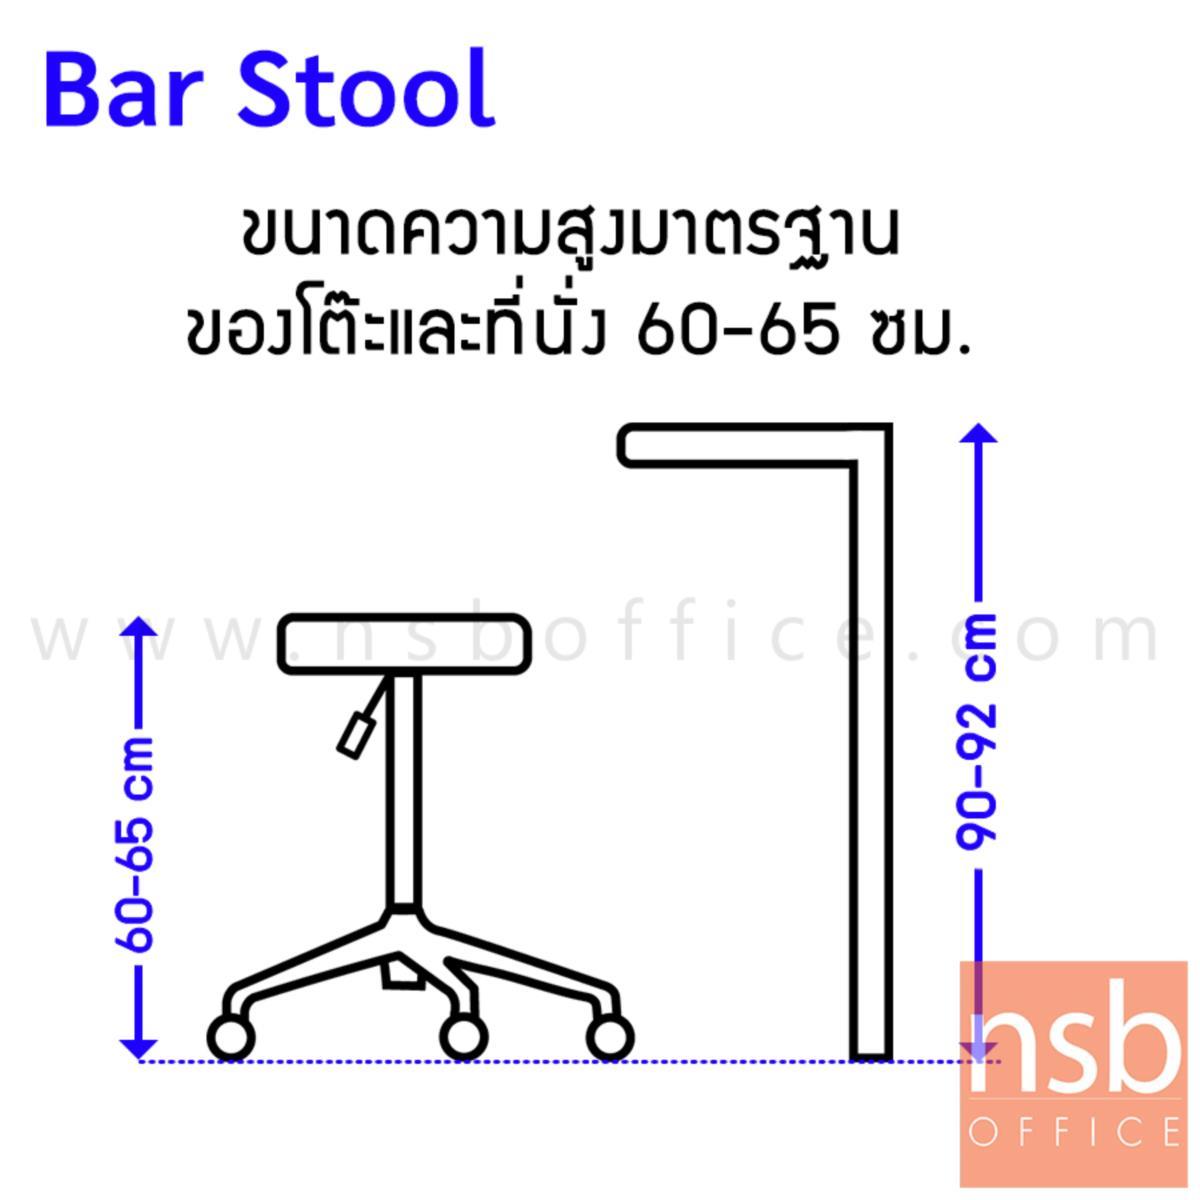 เก้าอี้บาร์สตูลที่นั่งกลม สีดำ รุ่น Rivendell (ริเวนเดลล์)  ขาอลูมิเนียม 5 แฉก ล้อเลื่อน